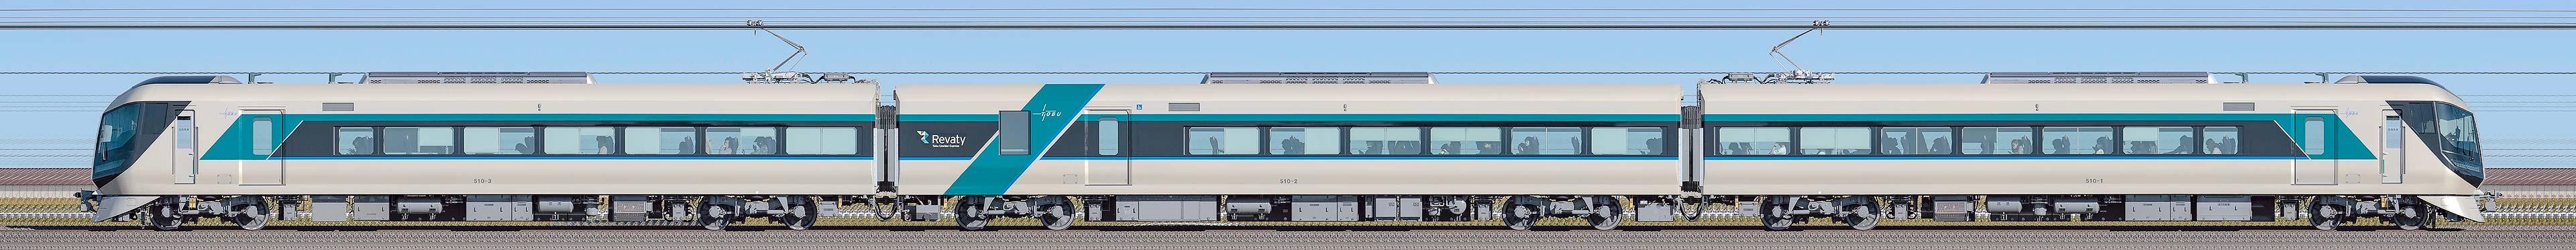 東武500系「リバティ」510編成(山側)の編成サイドビュー